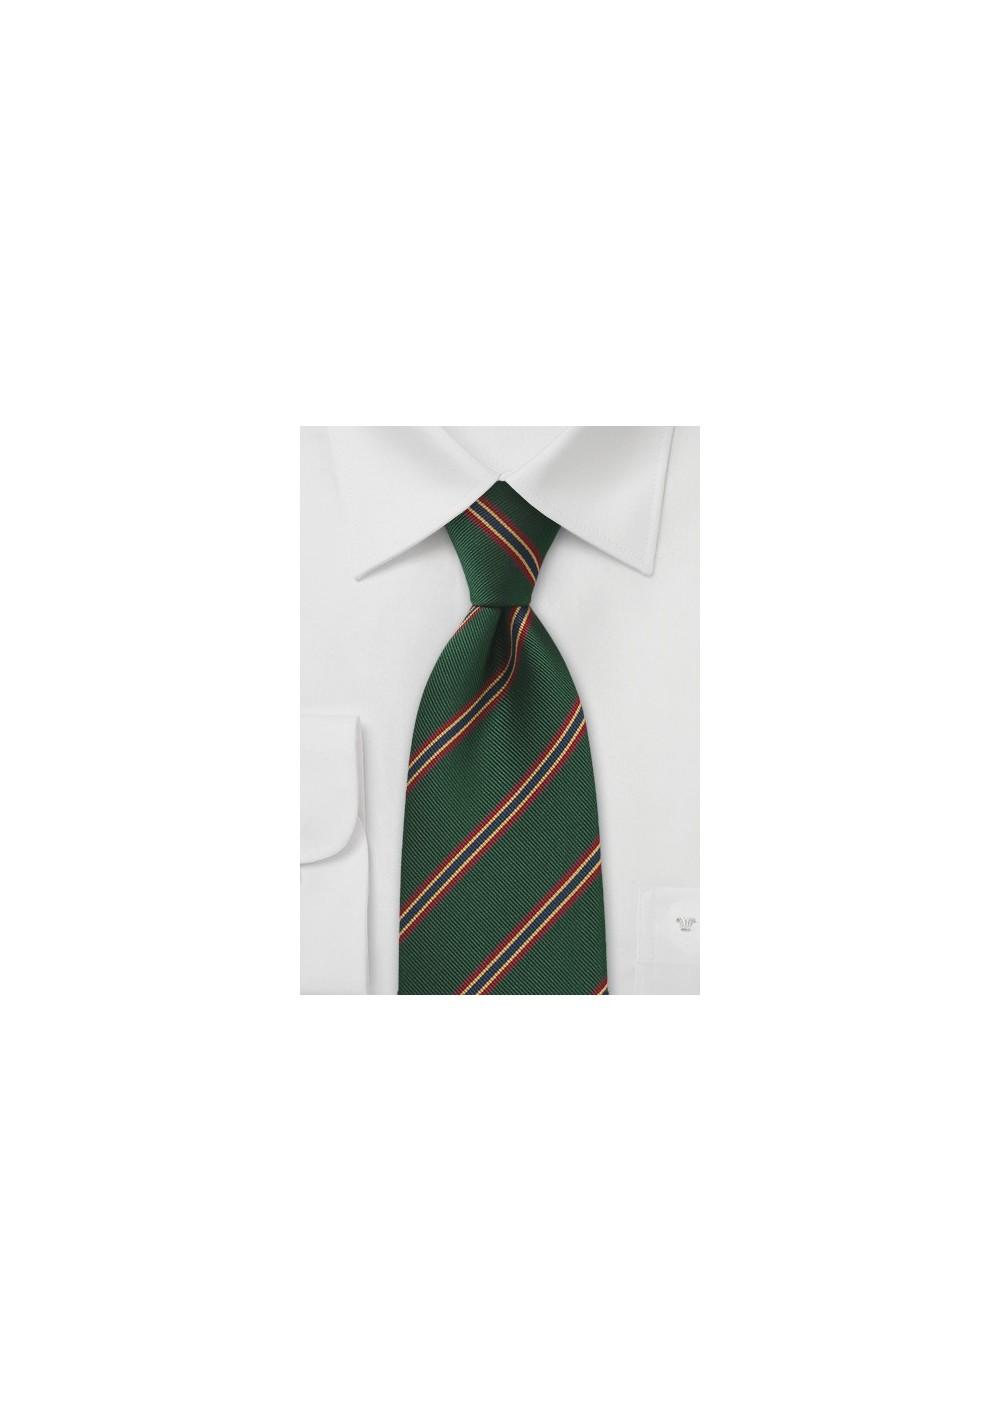 Kids Regimental Striped tie in Dark Green, Red, Gold, and Blue